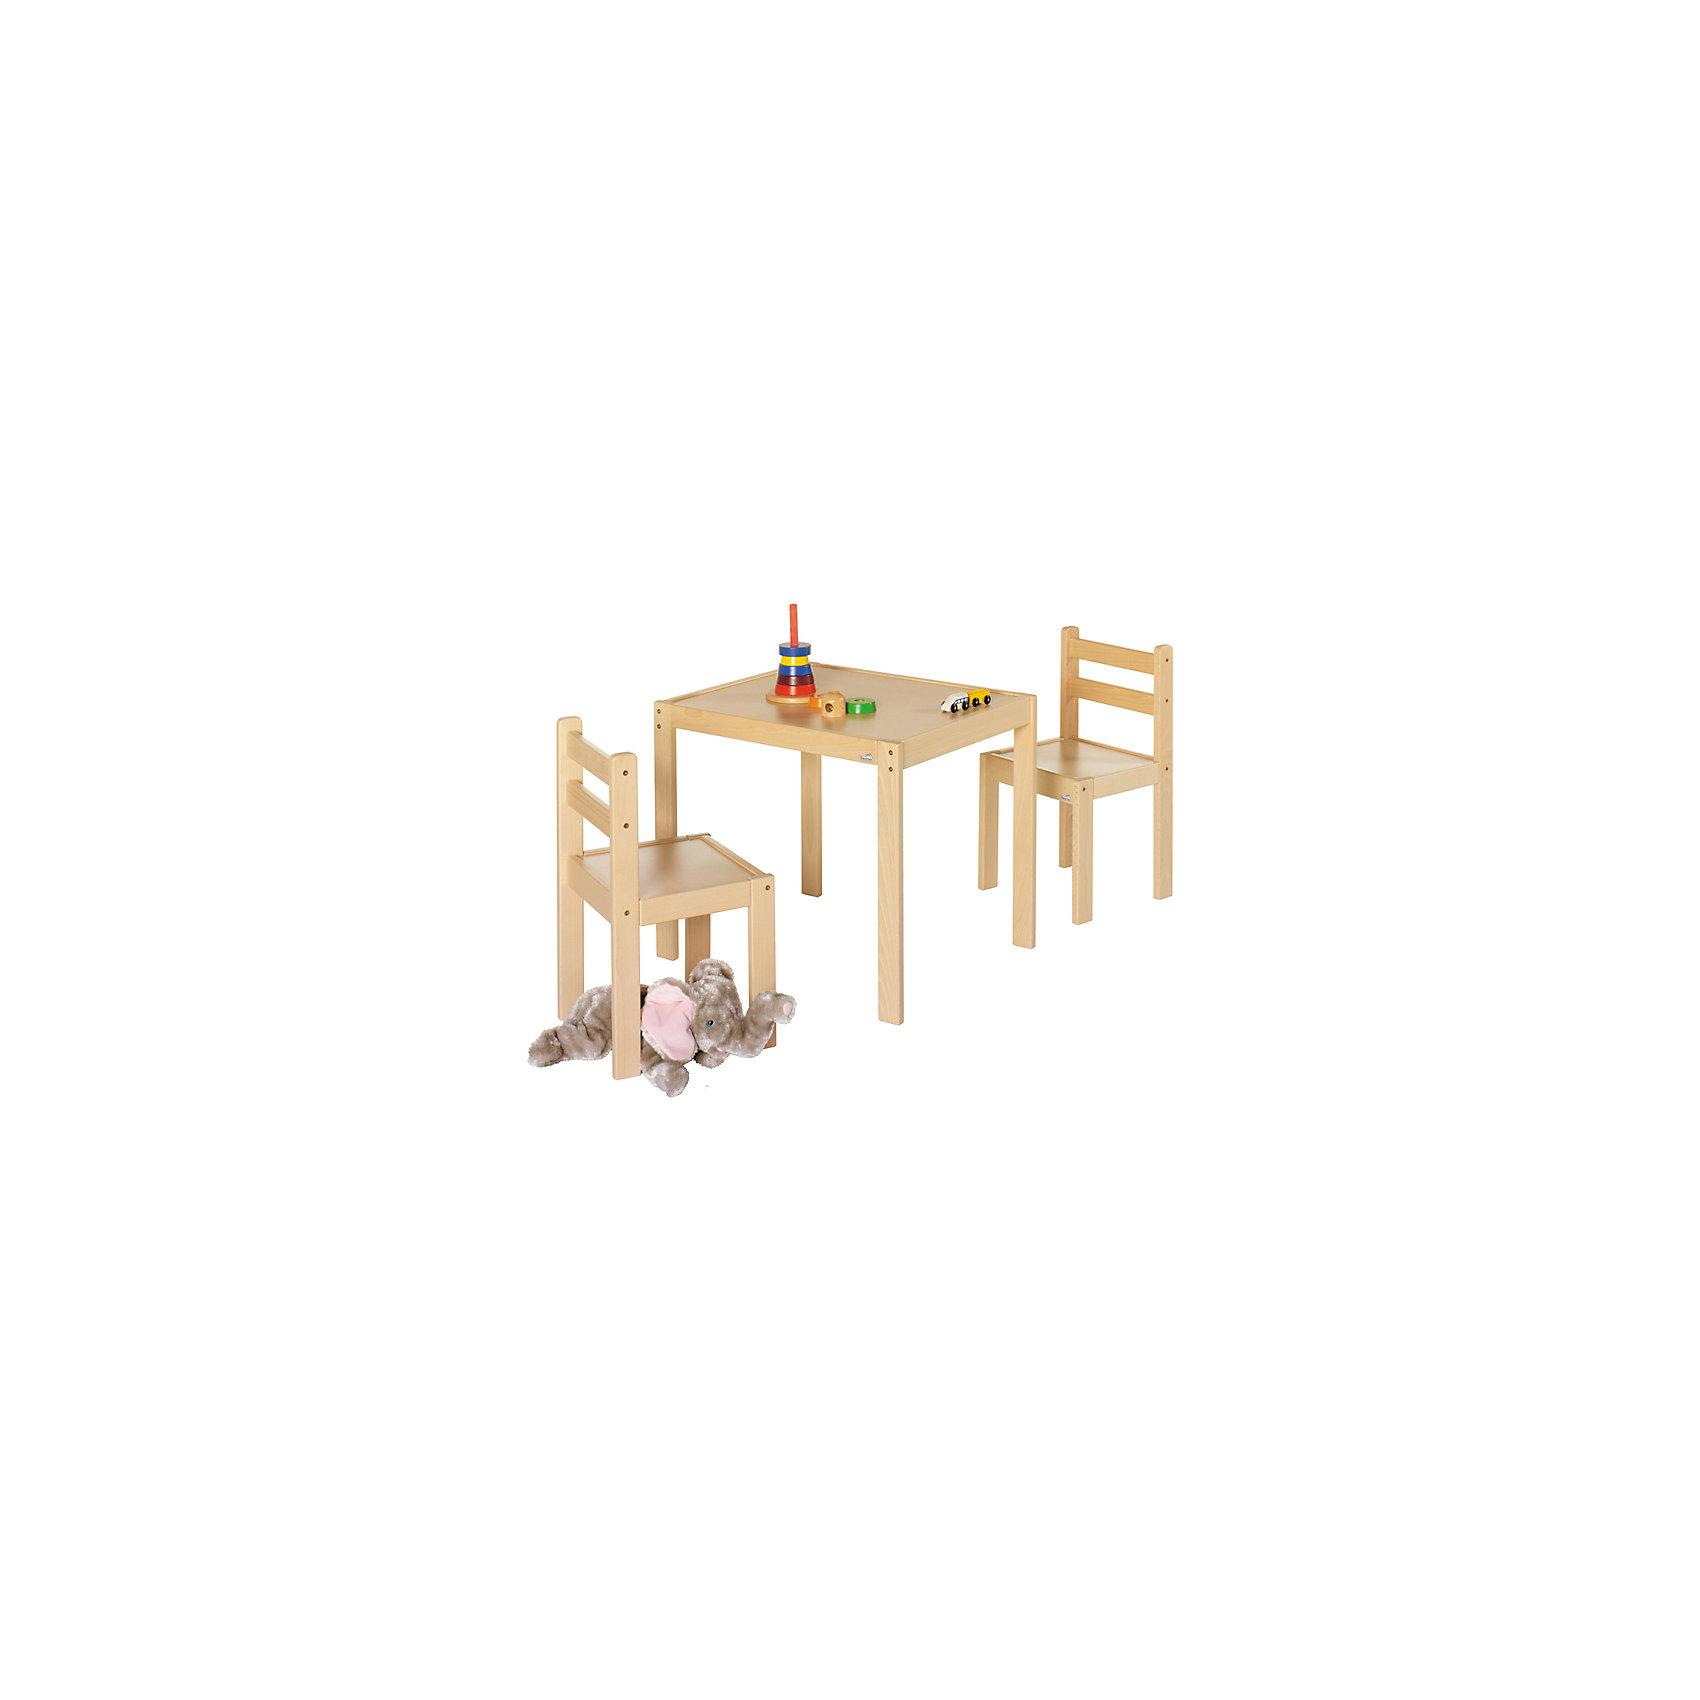 Комплект игровой мебели Kalle&amp;Co (стол и 2 стула), GeutherМебель<br>Комплект игровой мебели Kalle&amp;Co (стол и 2 стула), Geuther<br><br>Характеристики:<br>- В комплект входит: 2 стула, 1 стул<br>- Материал: дерево/металл<br>- Размер стола: 53 * 64 см., высота 55 см.<br>- Высота стульев: 32 см.<br>Комплект игровой мебели Kalle&amp;Co от немецкого бренда товаров для безопасности детей Geuther (Гётер) поможет создать ребенку свое пространство для игр и творчества. Лаконичный стол и два стула в комплекте предоставят простор для фантазии ребенка. Он может играть с любимыми мишками в чаепитие или школу, может организовать свое рабочее место с игрушечным ноутбуком, как у папы или придумать что-то еще. Комплект изготовлен из экологически безопасного материала – дерева и покрашен нетоксичной краской. Минималистичный дизайн и цвет светлого дерева подойдет к большинству интерьеров. Отличное немецкое качество обеспечивает должную заботу о крохе. <br>Комплект игровой мебели Kalle&amp;Co (стол и 2 стула), Geuther (Гётер) можно купить в нашем интернет-магазине.<br>Подробнее:<br>• Для детей в возрасте: от 1,5 до 5 лет <br>• Номер товара: 5089886<br>Страна производитель: Германия<br><br>Ширина мм: 650<br>Глубина мм: 550<br>Высота мм: 300<br>Вес г: 12000<br>Возраст от месяцев: 12<br>Возраст до месяцев: 84<br>Пол: Унисекс<br>Возраст: Детский<br>SKU: 5089886